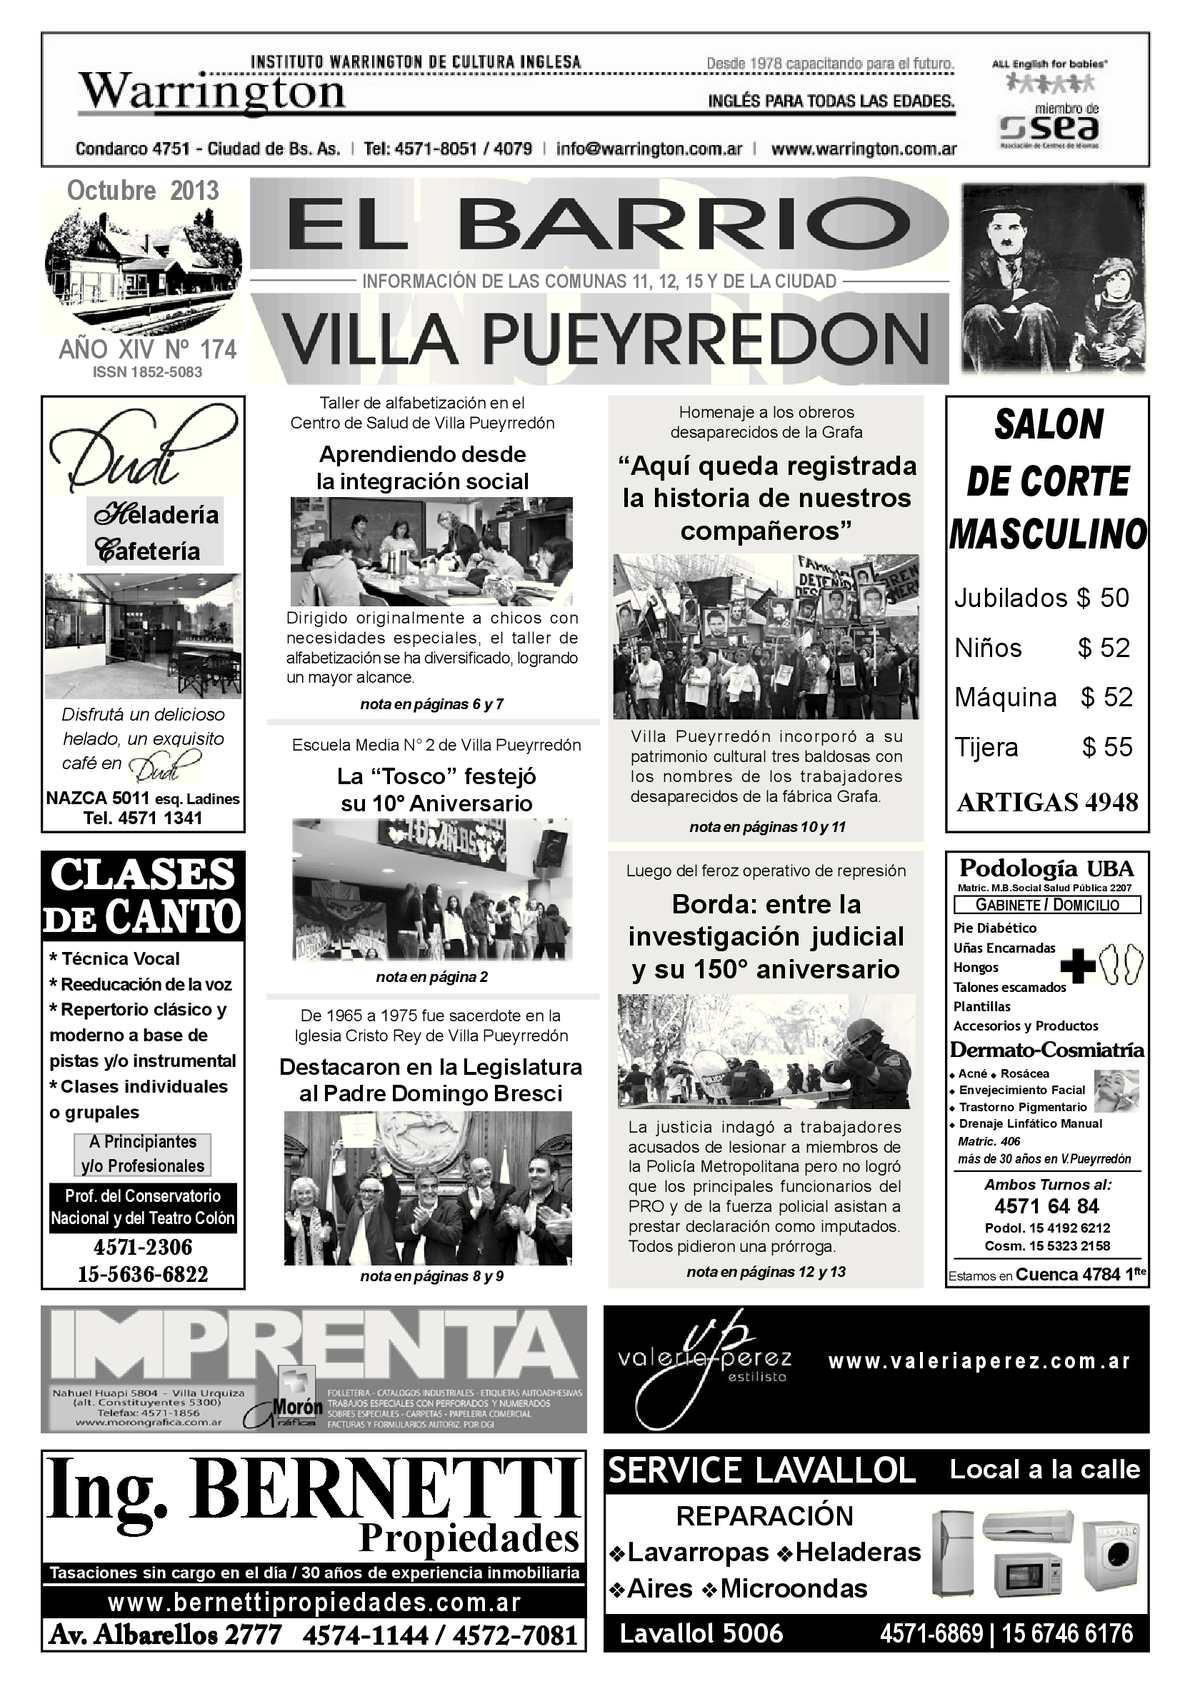 Calaméo - PERIÓDICO BARRIAL DE VILLA PUEYRREDÓN - Octubre 2013